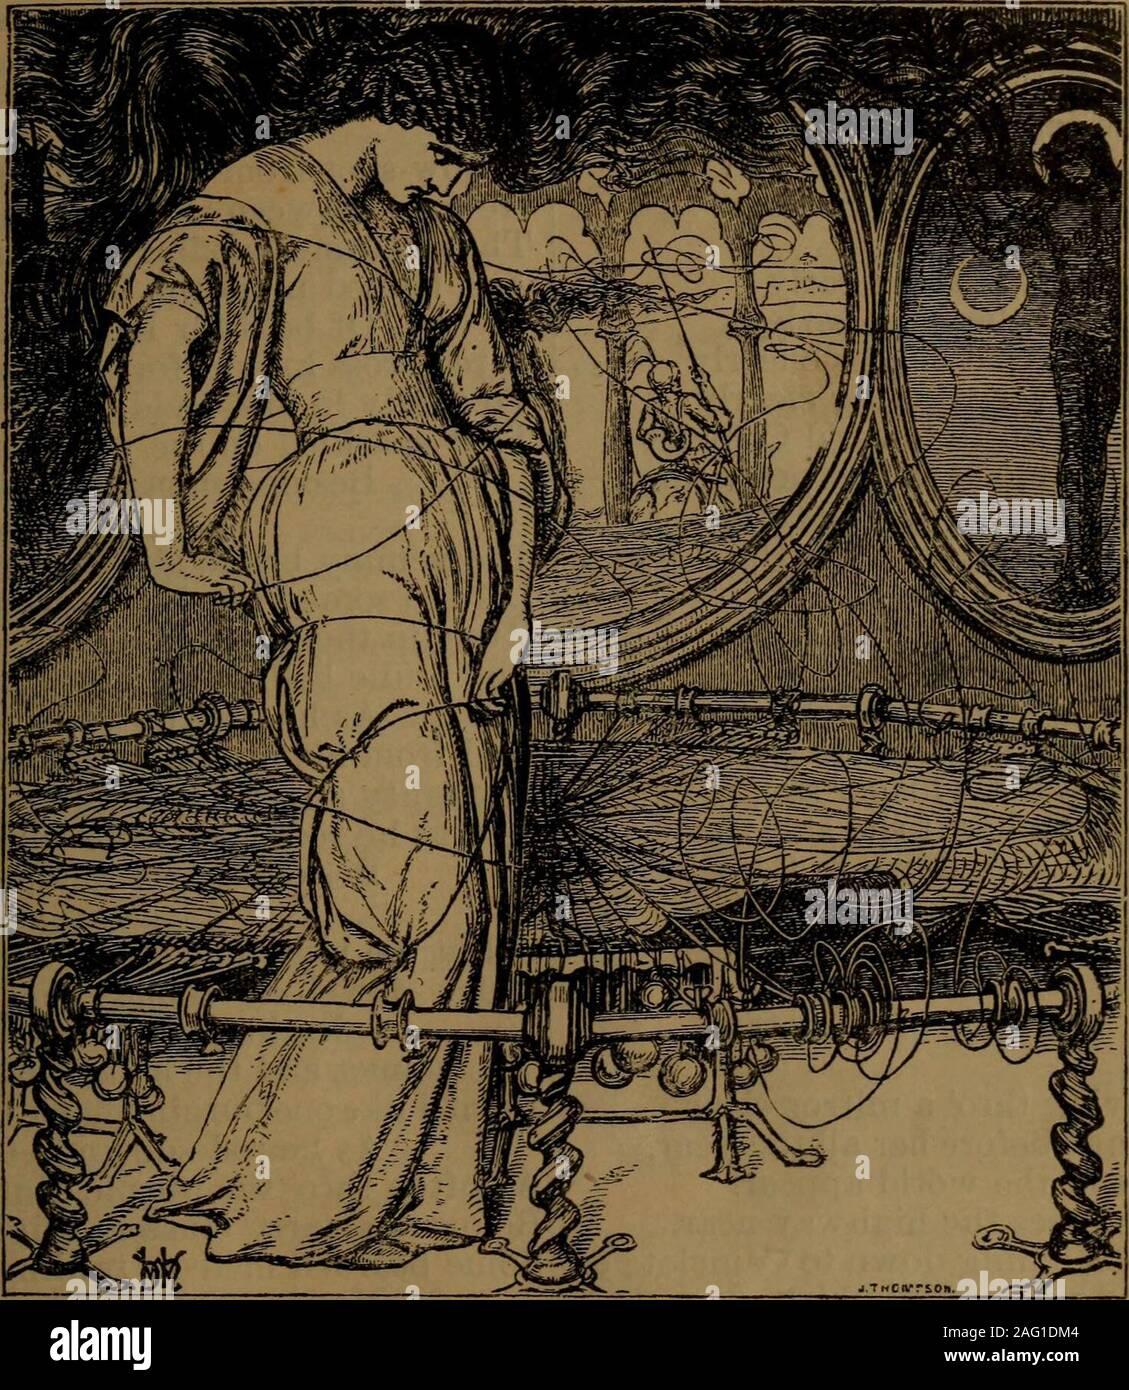 . Die poetische und dramatische Werke von Alfred Lord Tennyson. Wenn du wärest Mein, wie ich gehört habe, dass irgendwo in der Main, Süßwasser-Quellen kommen durch bittere Sole. Twere Freude, nicht Angst, claspt Hand in Hand mit dir, auf den Tod zu warten - stumm - unvorsichtige aller Übel, außer auf einem Berg, der surgeOf tho einige neue Flut von tausend hillsFlung Ligen der Roaring Schaum in den gorgeBelow uns, so weit auf wie Auge sehen konnte. 0 XITHE BRAUTJUNGFER Brautjungfer, ehe der glücklich Knoten gebunden war, deine Augen so geweint, dass sie kaum sehen konnte; und deine Schwester lächelte und sagte, keine Tränen für Mich! Ein glückliches Brautjungfer machen Stockfoto